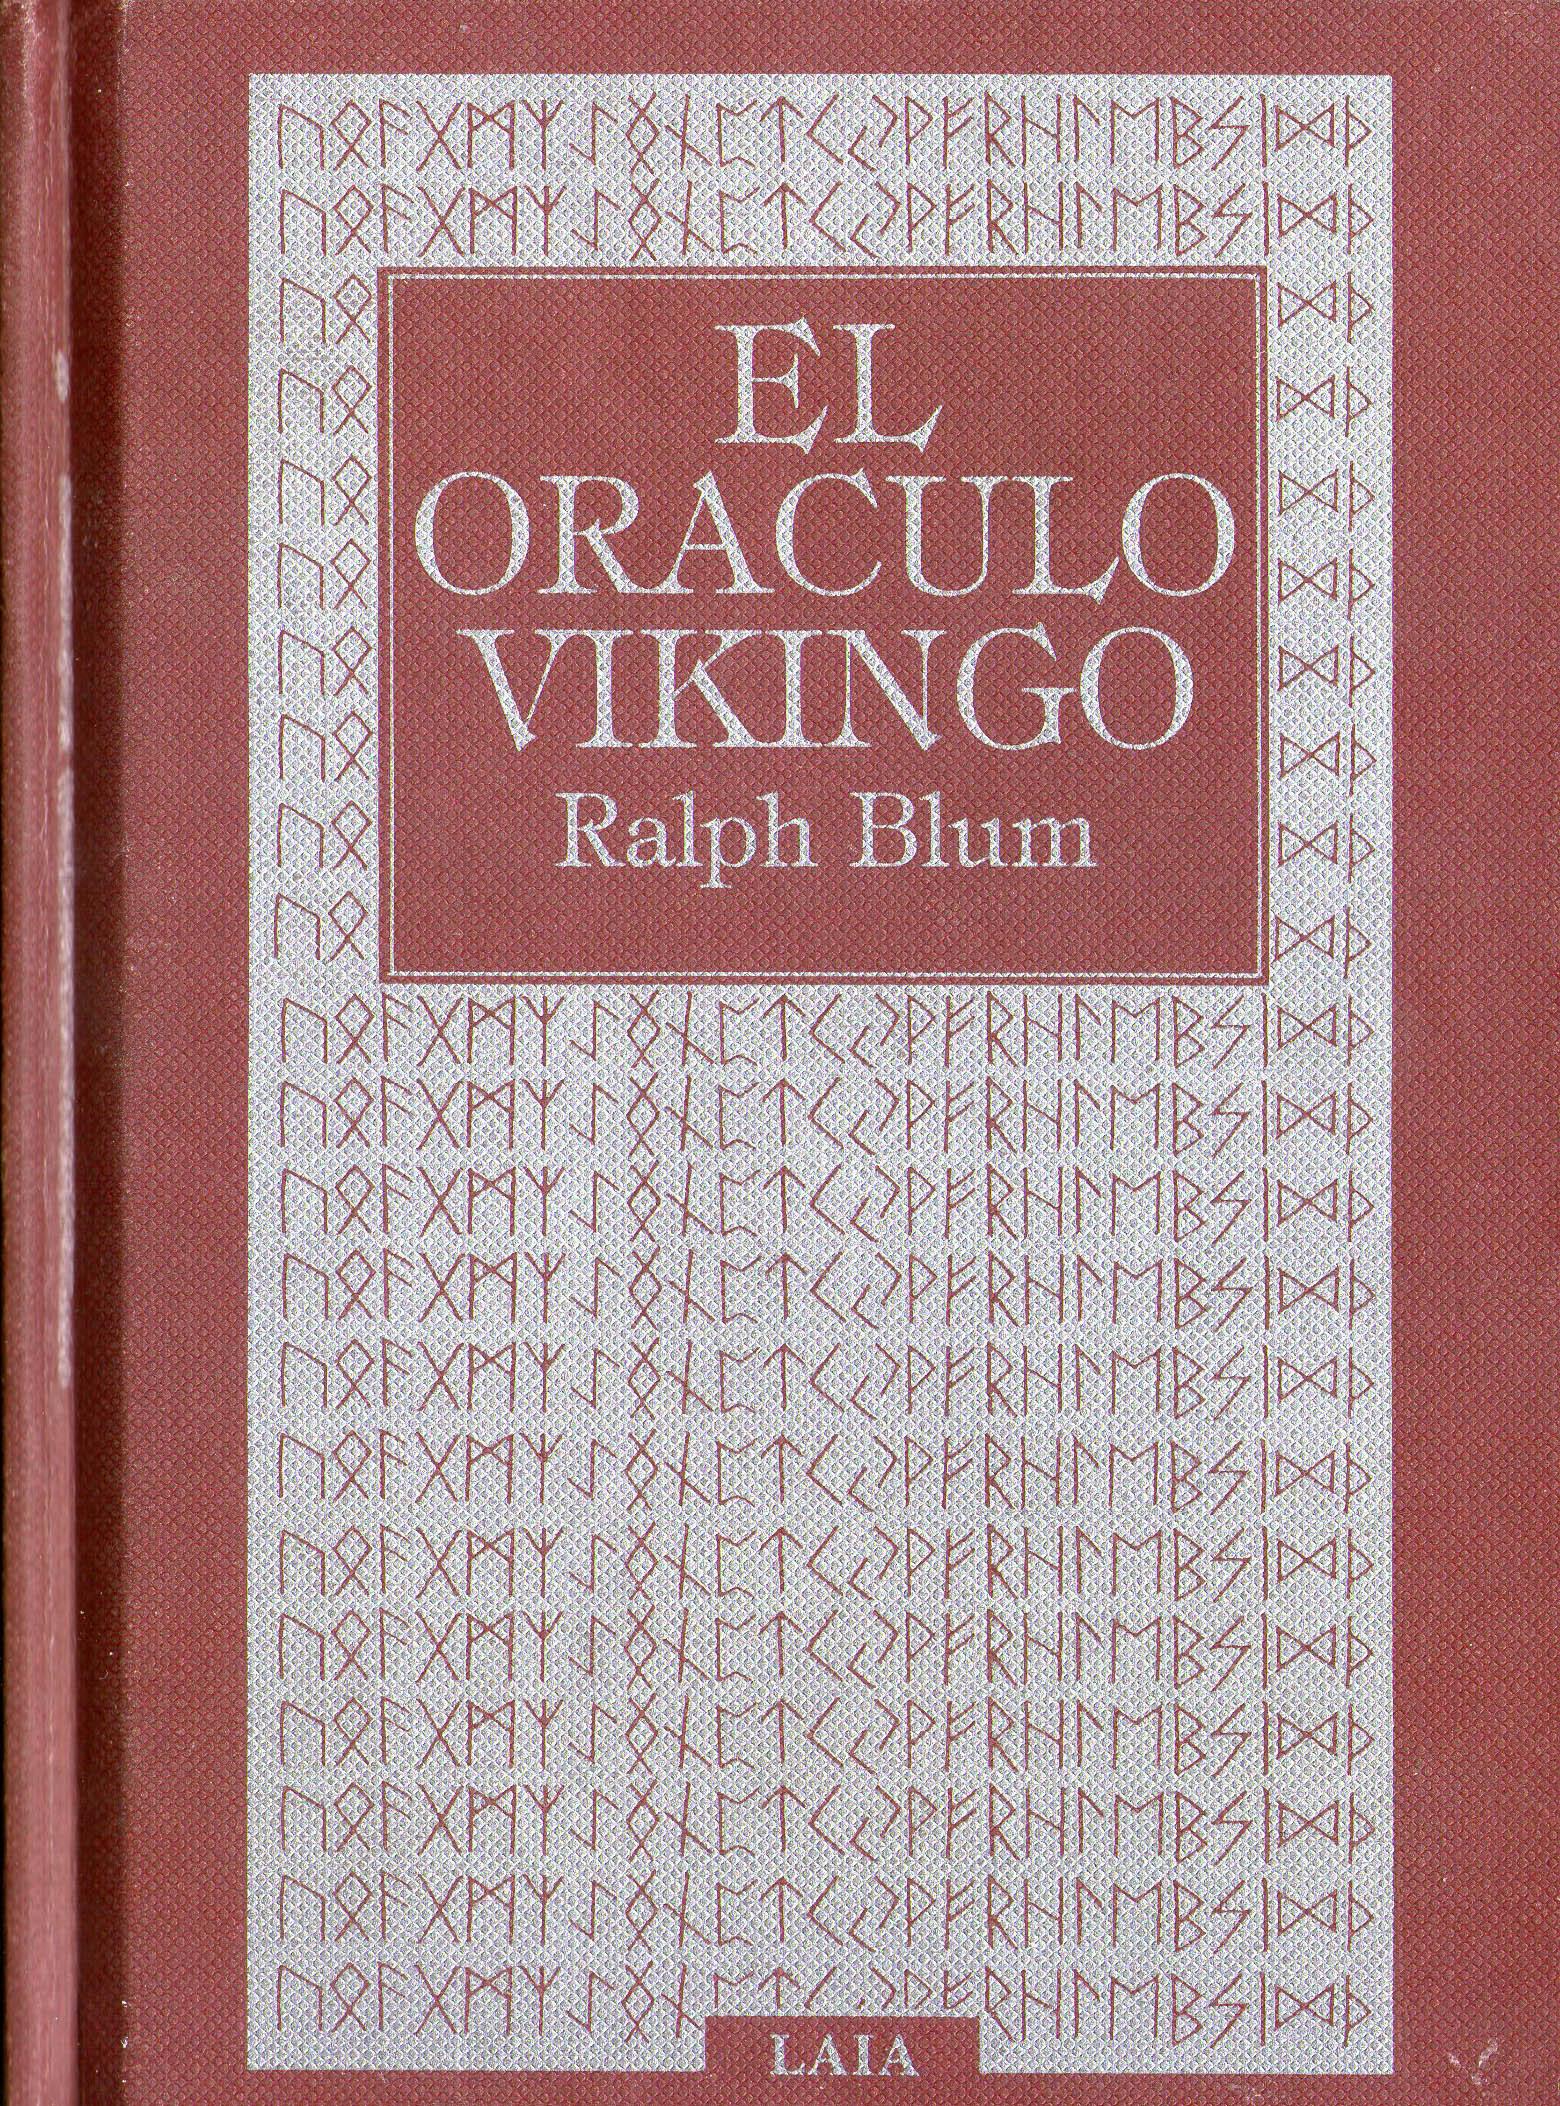 El oráculo vikingo